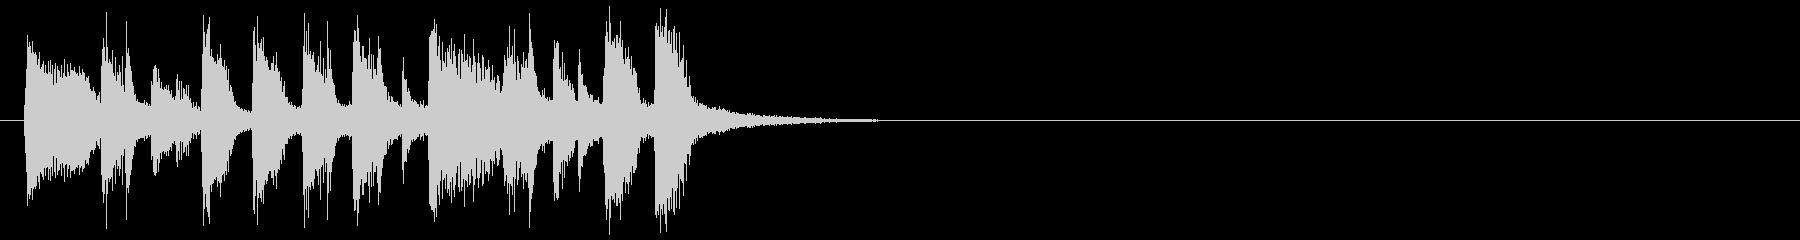 ジングル(クイズ回答中)の未再生の波形